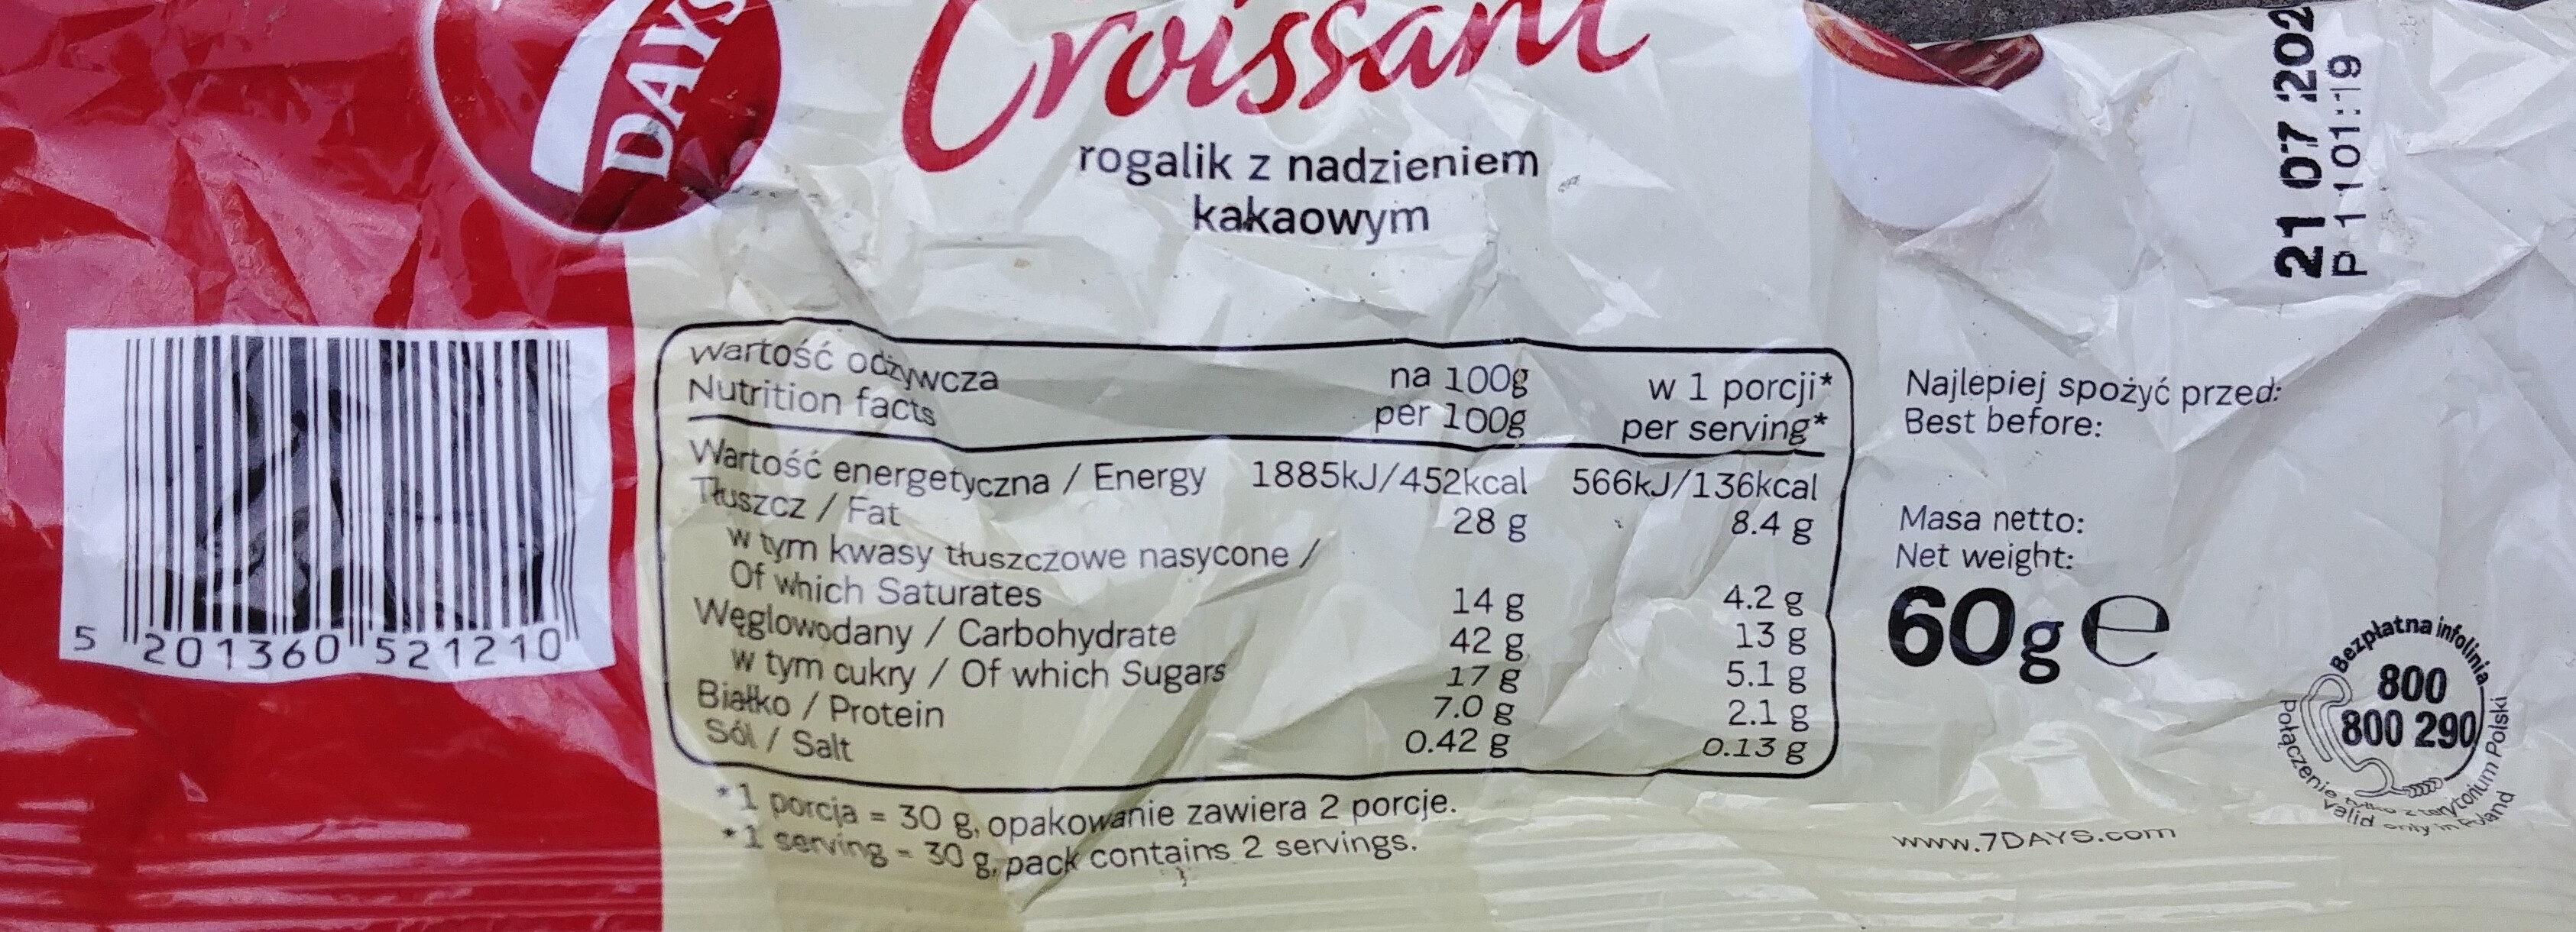 Croissant cu umplutură cu cacao - Wartości odżywcze - pl